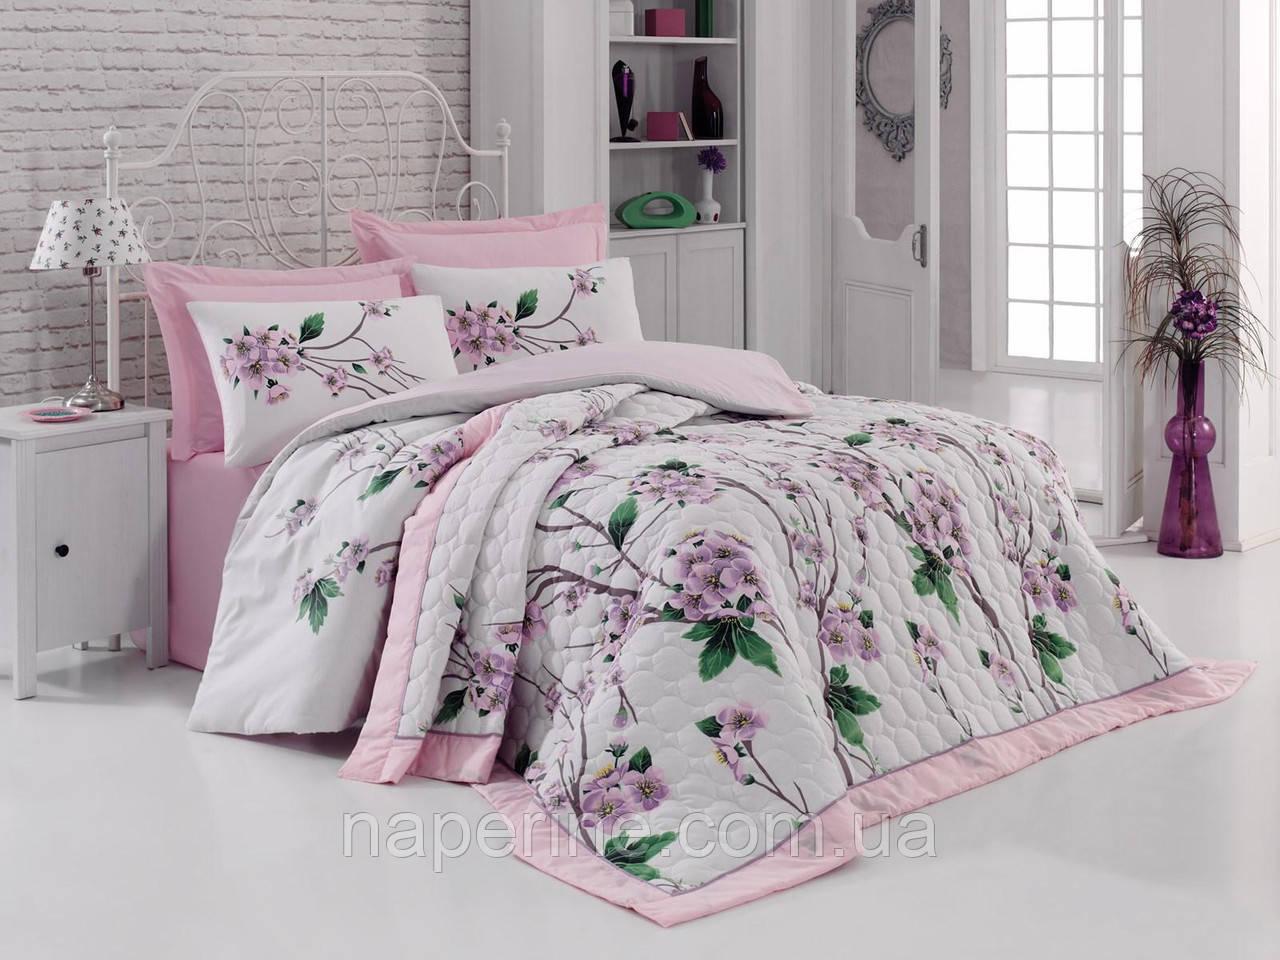 Постельное бельё полуторное  со стёганым летним одеялом Cotton box Pamela